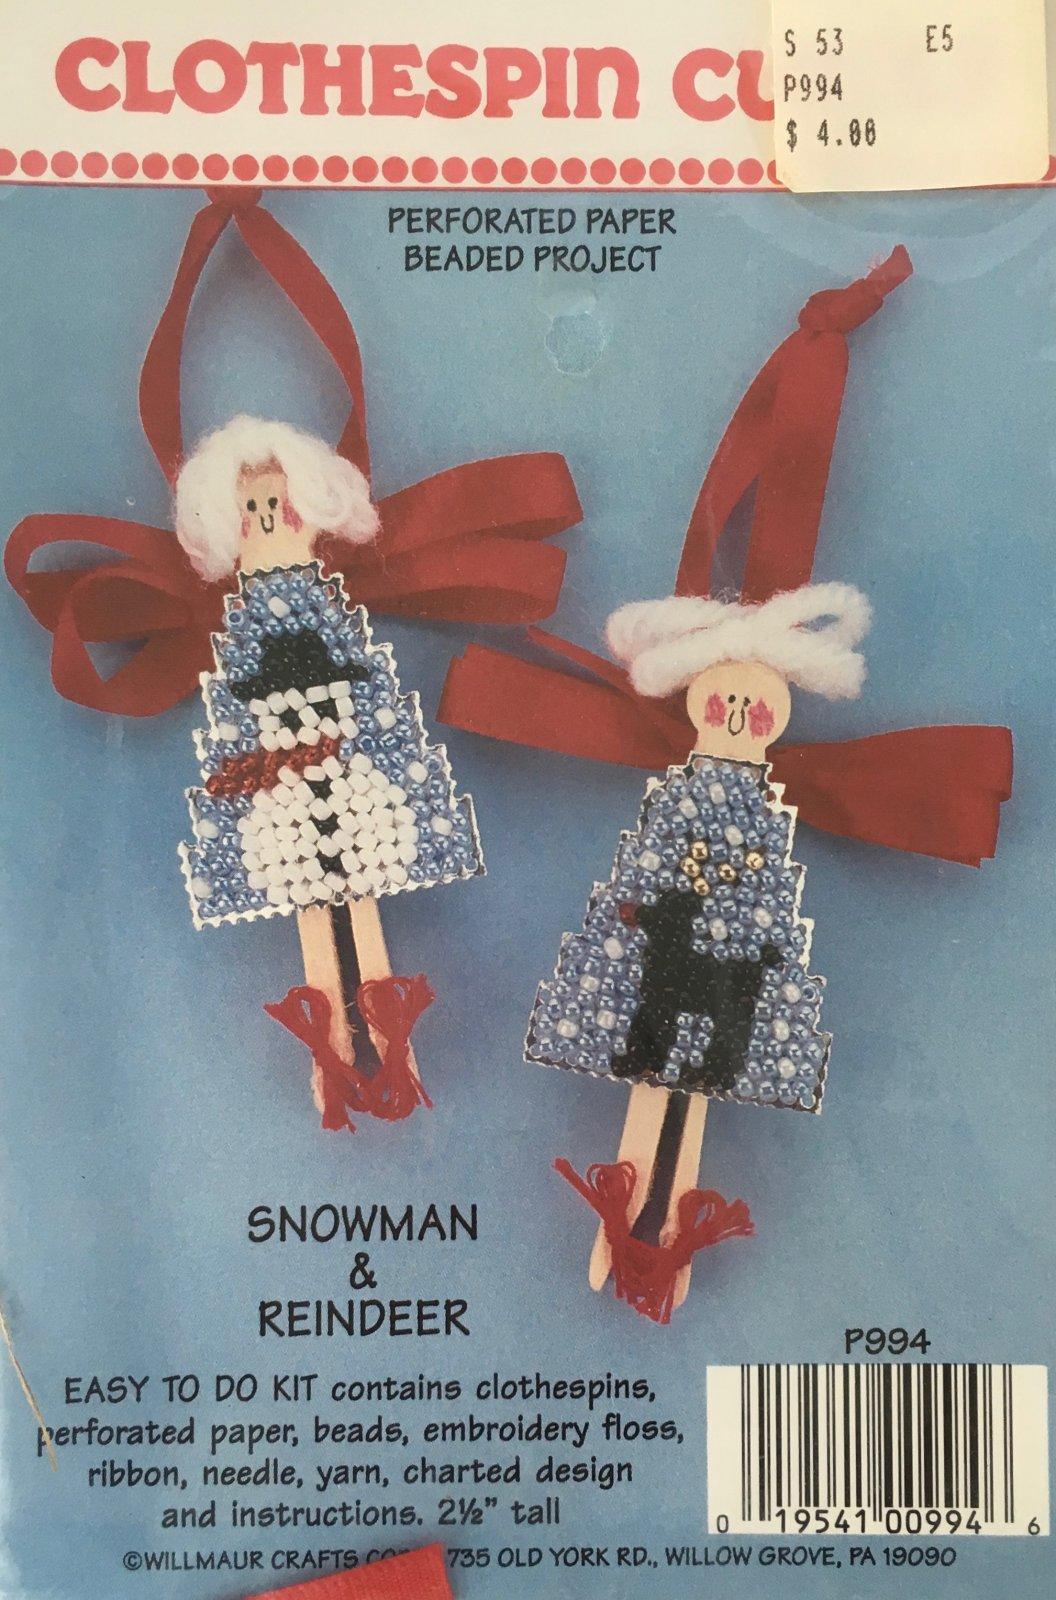 Astor Place: Clothespin Cuties Snowman & Reindeer Kit P994